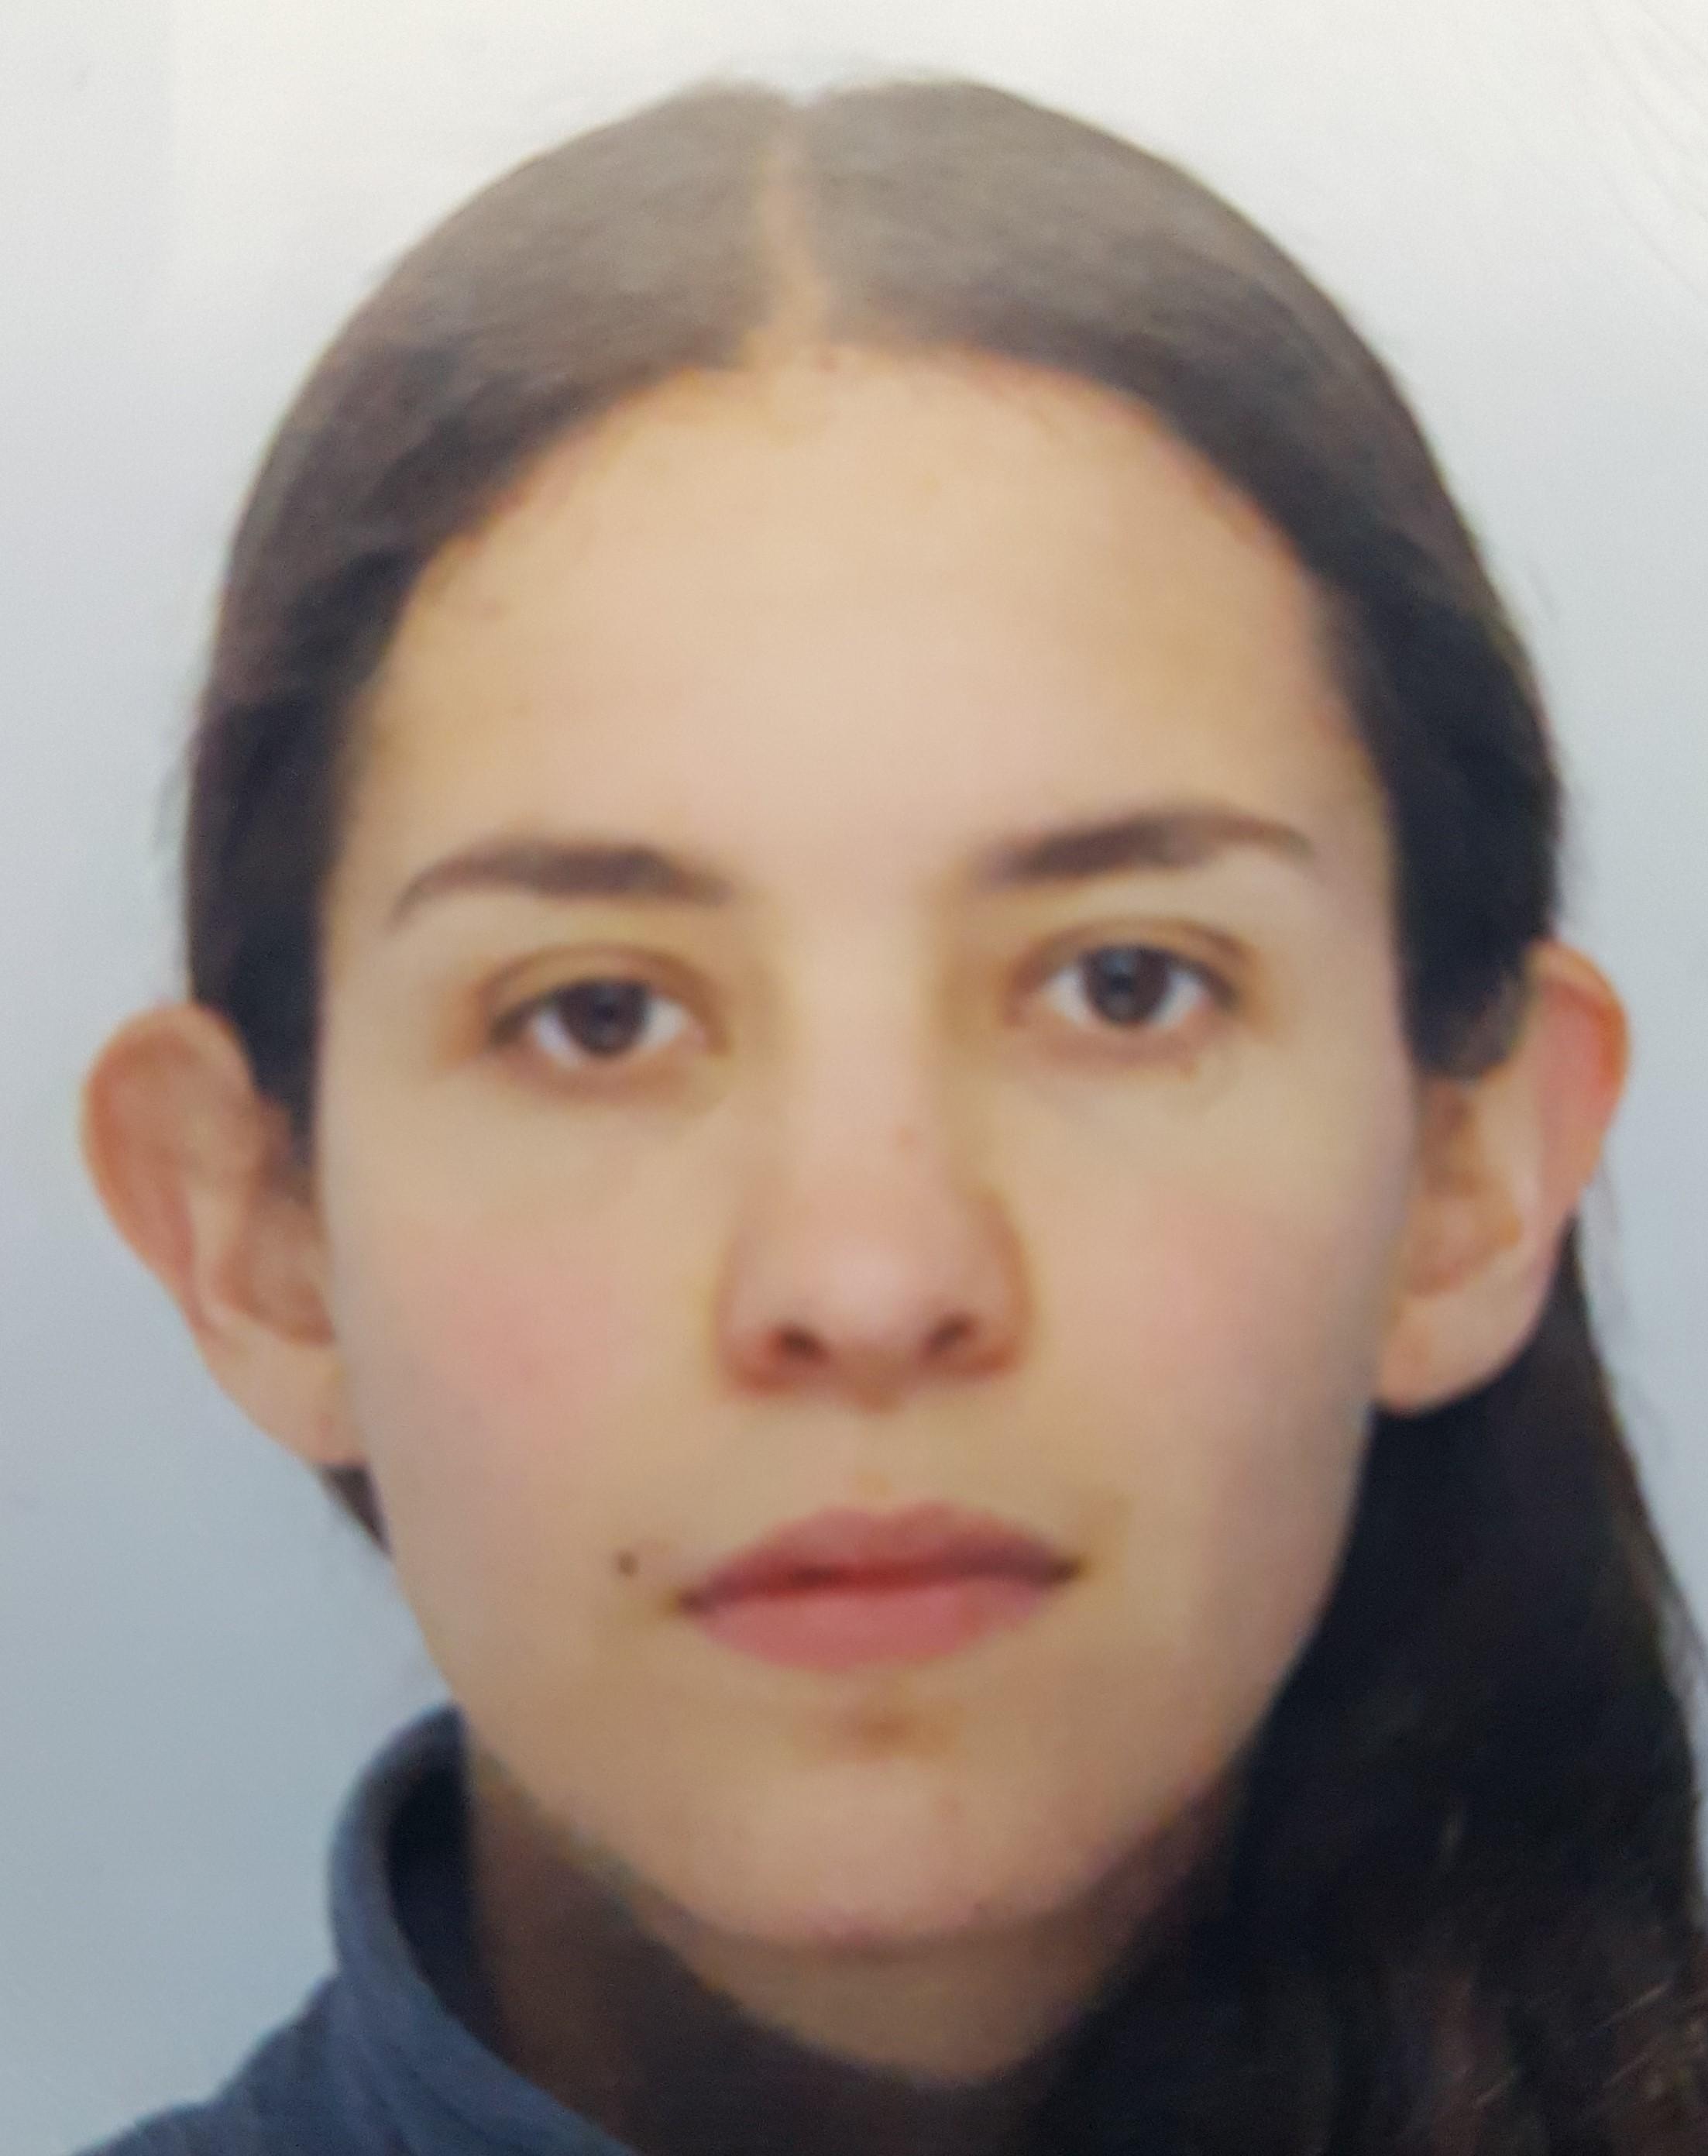 Nathaly Gavira